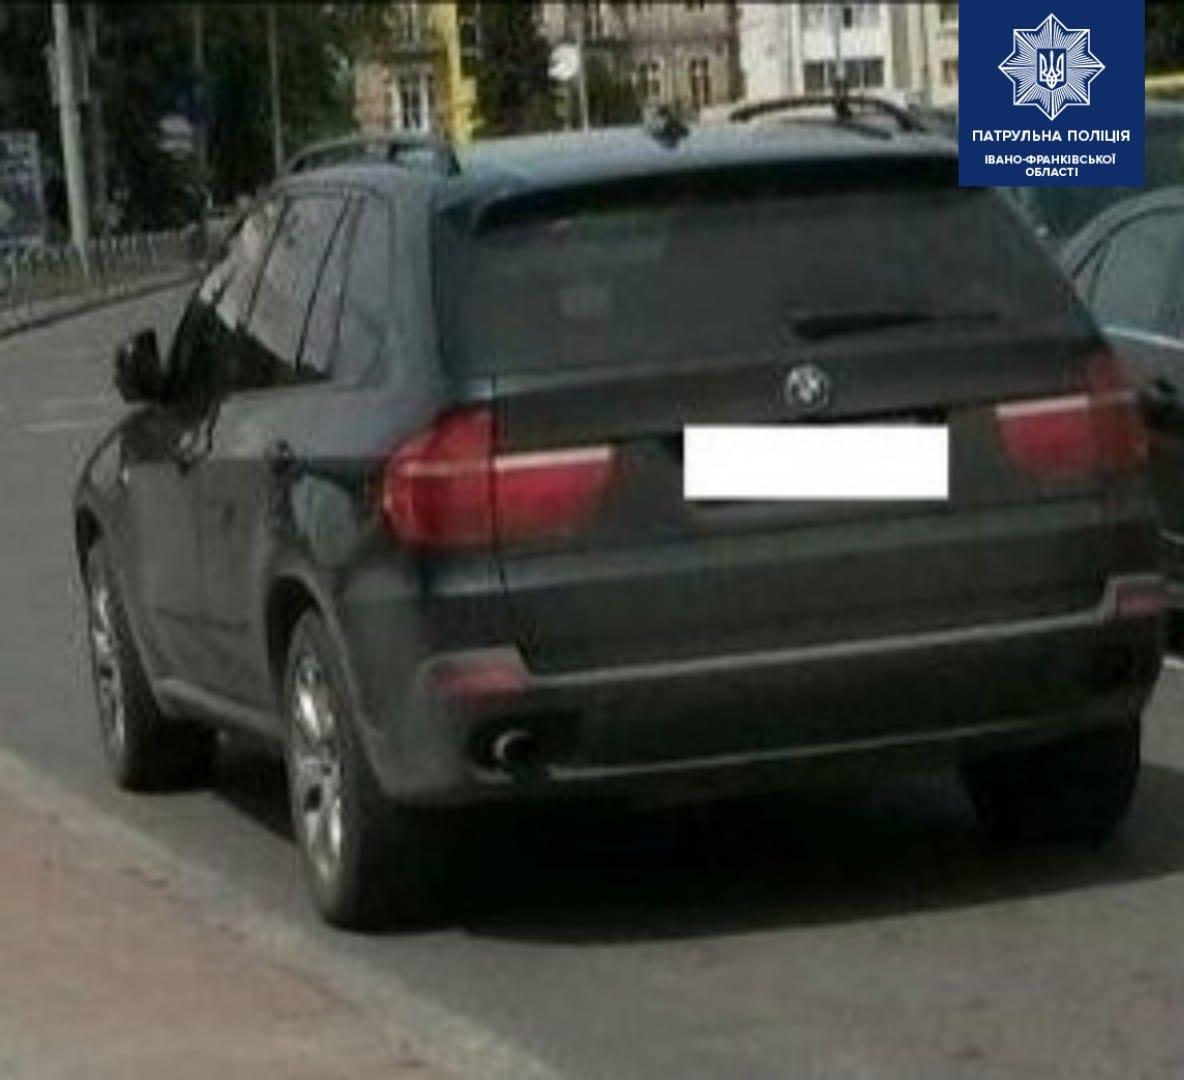 Патрульні забрали права у франківського водія BMW, котрий на камеру хизувався порушеннями (ВІДЕО)